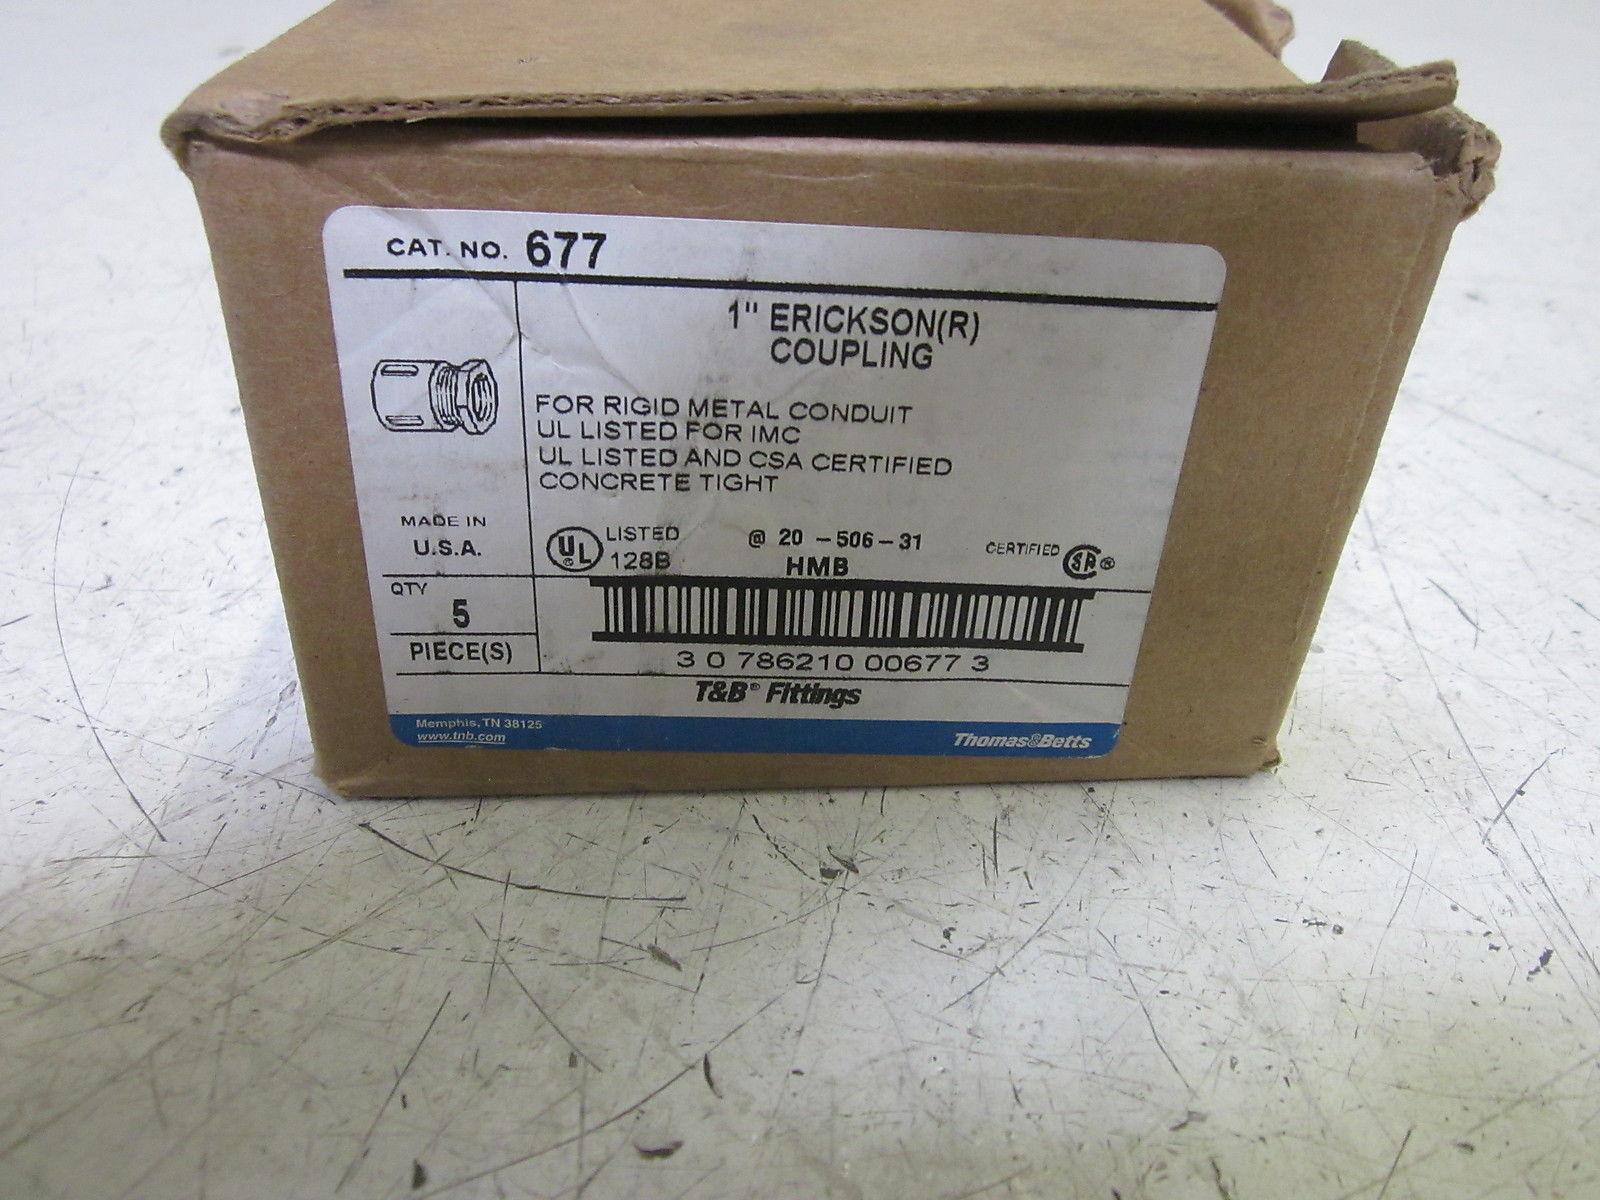 NEW IN BOX L300GRL THOMAS /& BETTS L300GRL